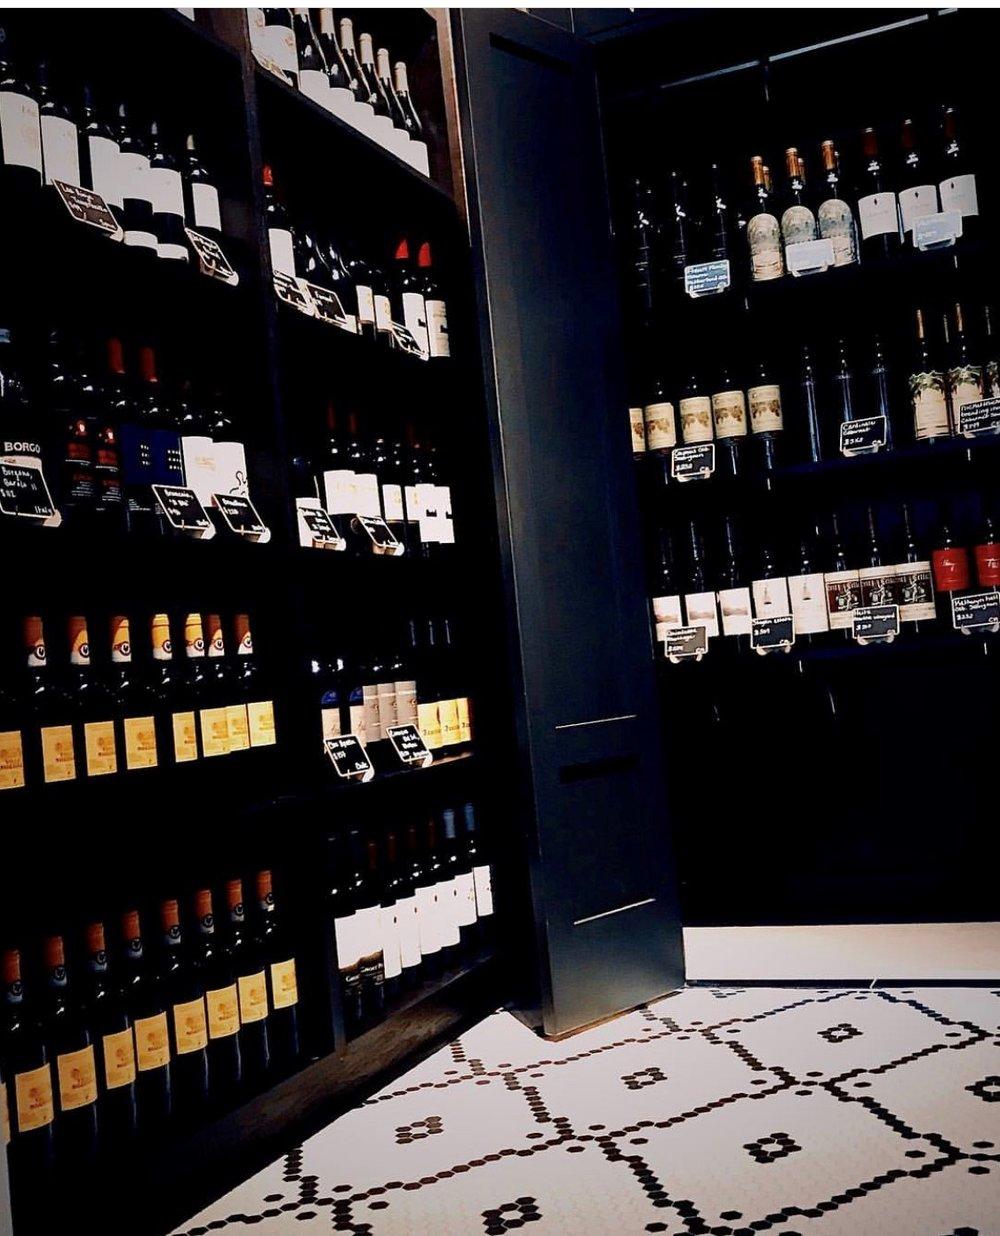 2018_1_14 Wine Room.jpg